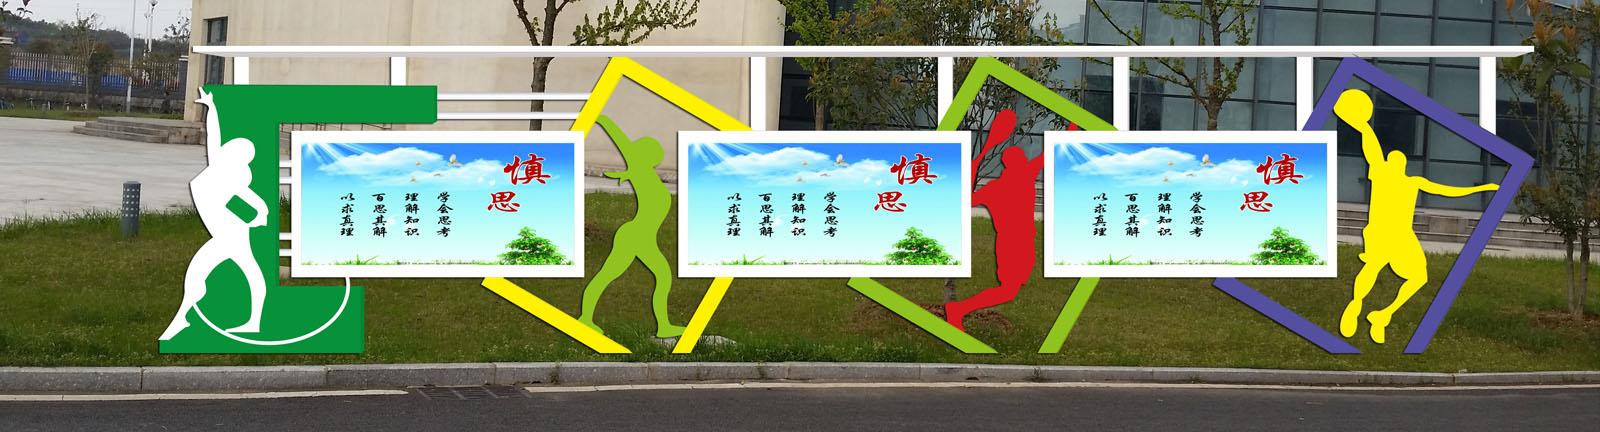 茂名公交候车亭